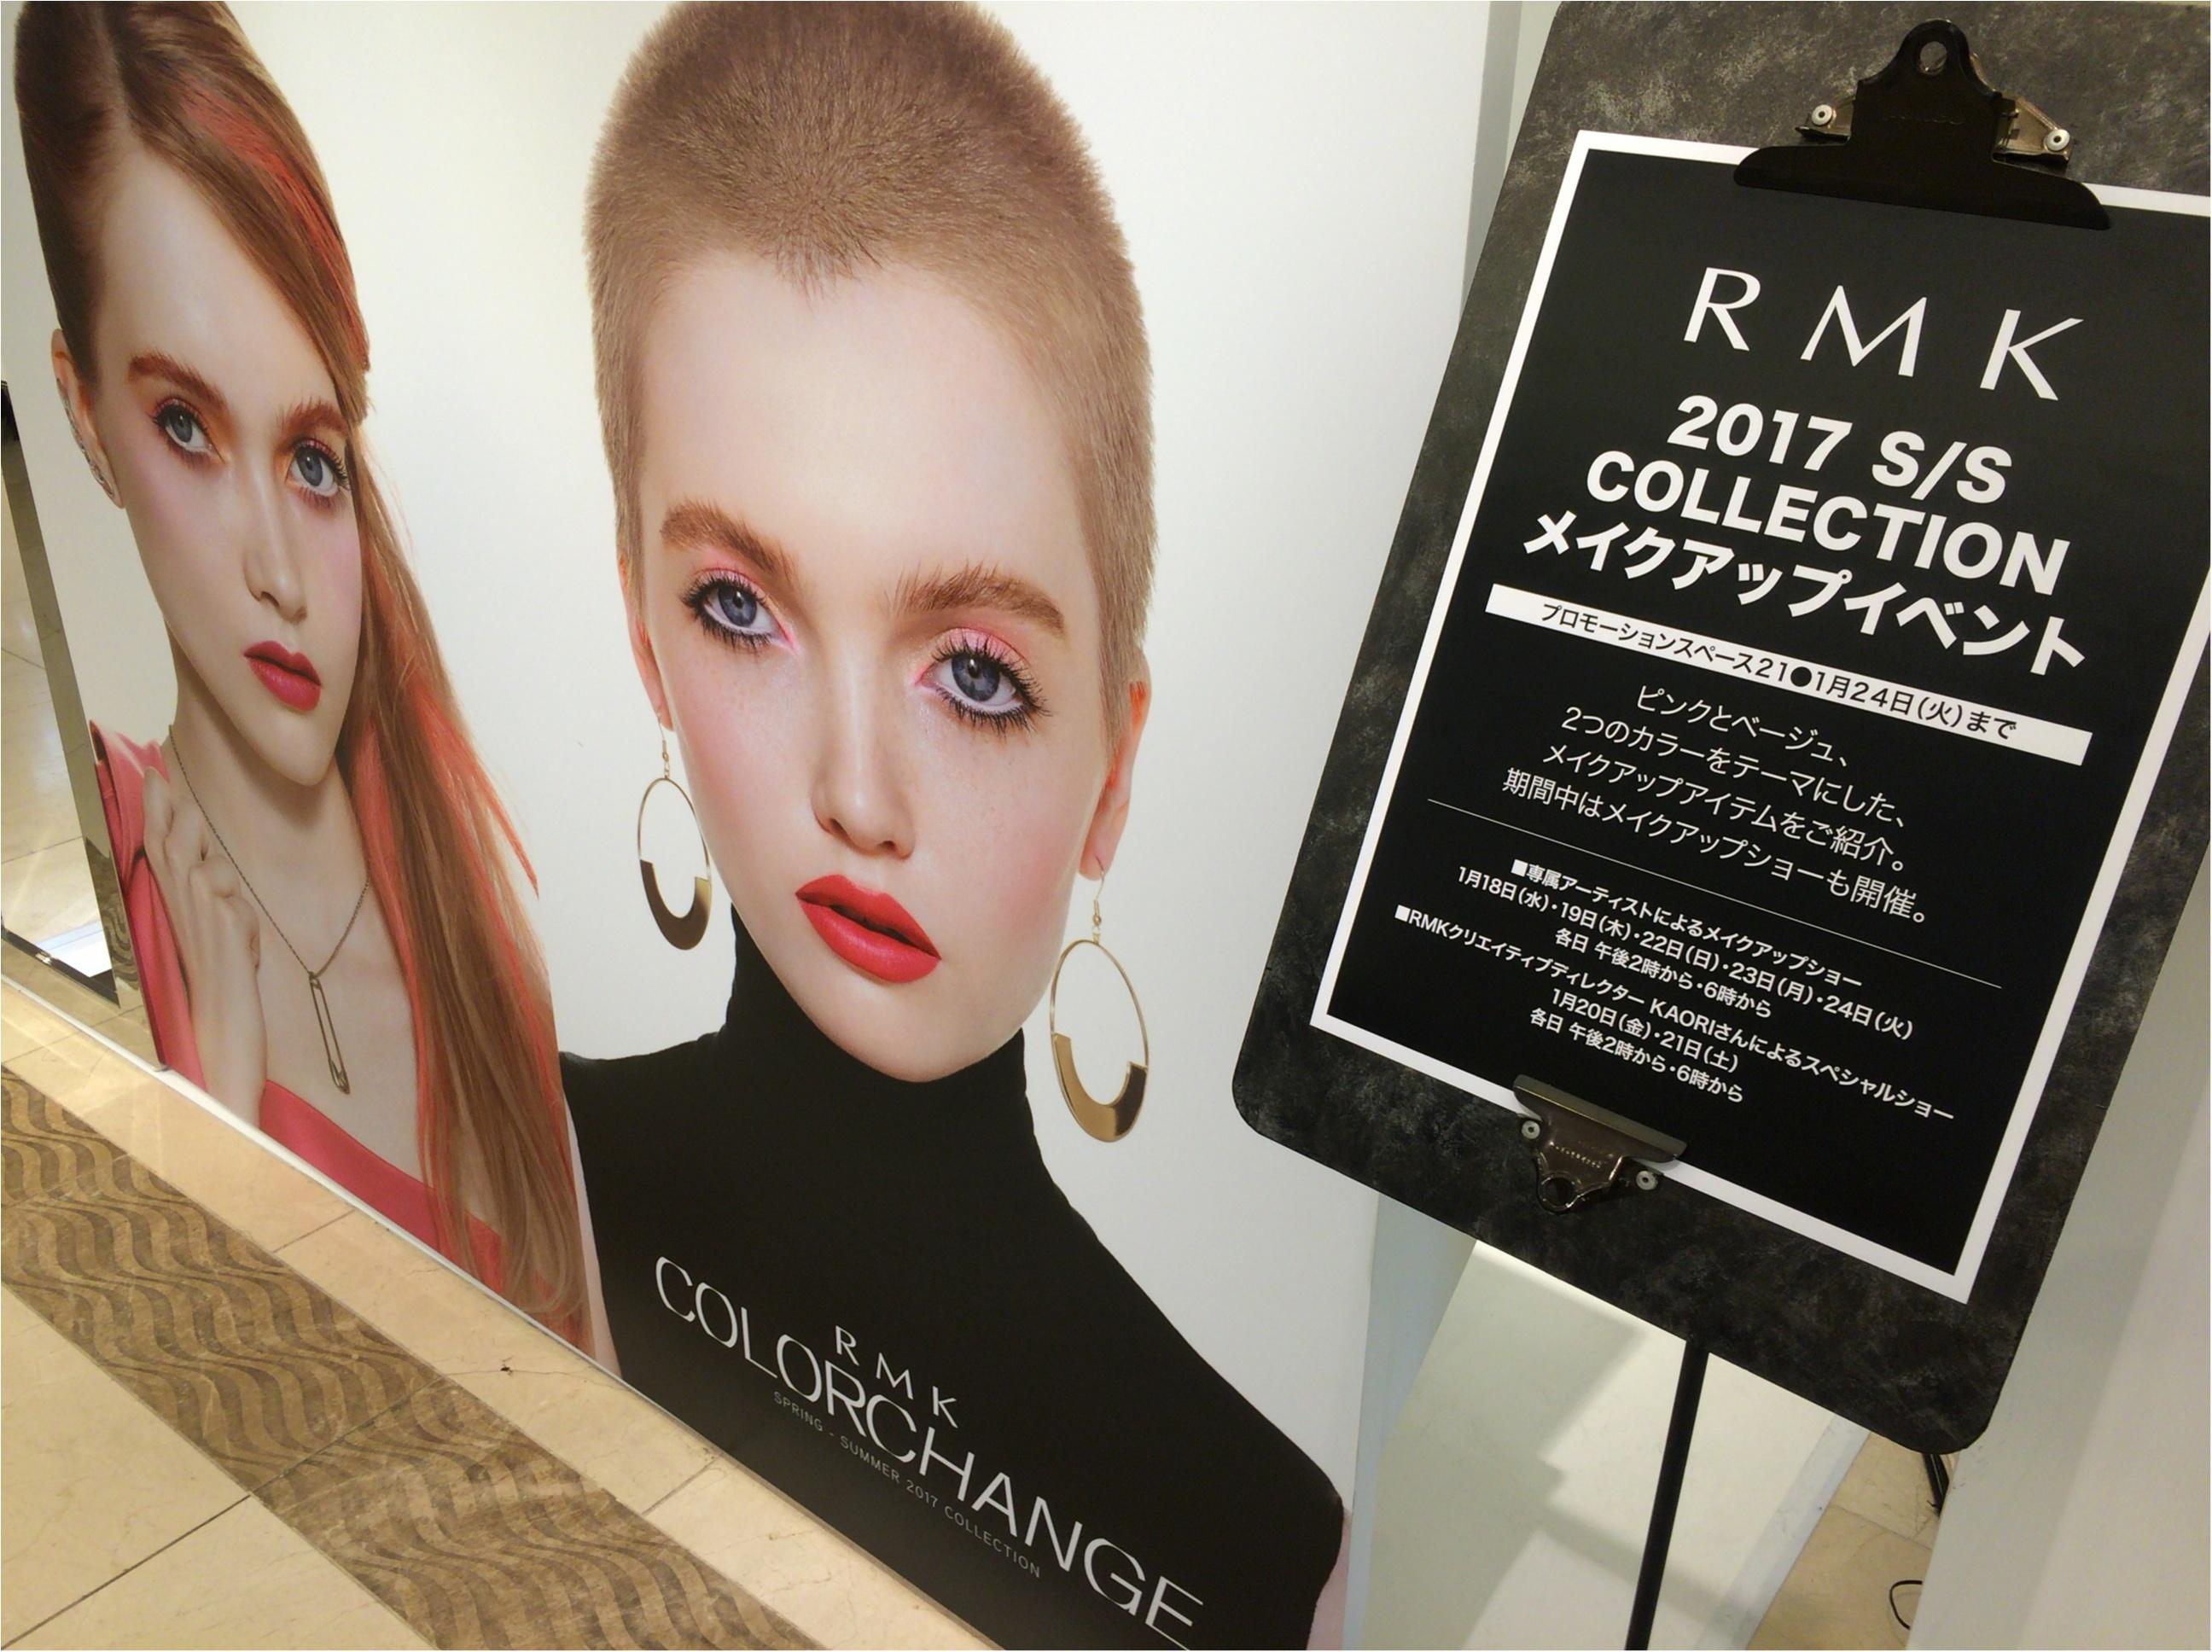 【RMK春夏】「ピンク×ベージュ」イベントのメイク体験レポ!around27に似合う、新生《大人ピンク》顔とは??_2